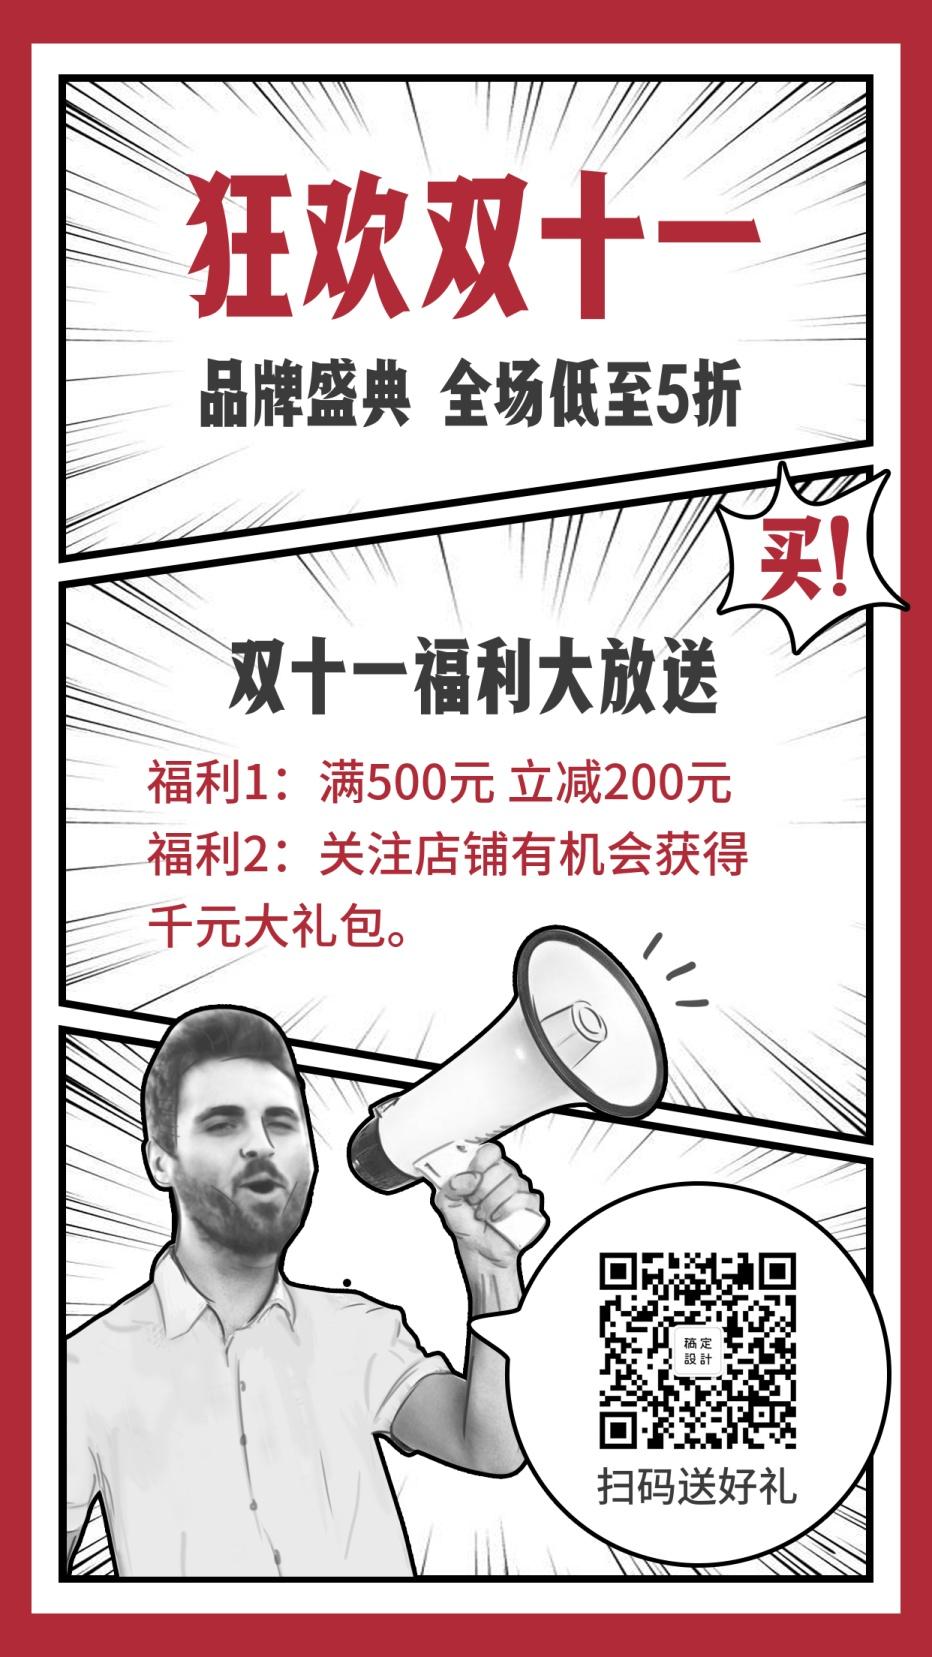 狂欢双十一/福利放送/条漫喇叭/手机海报